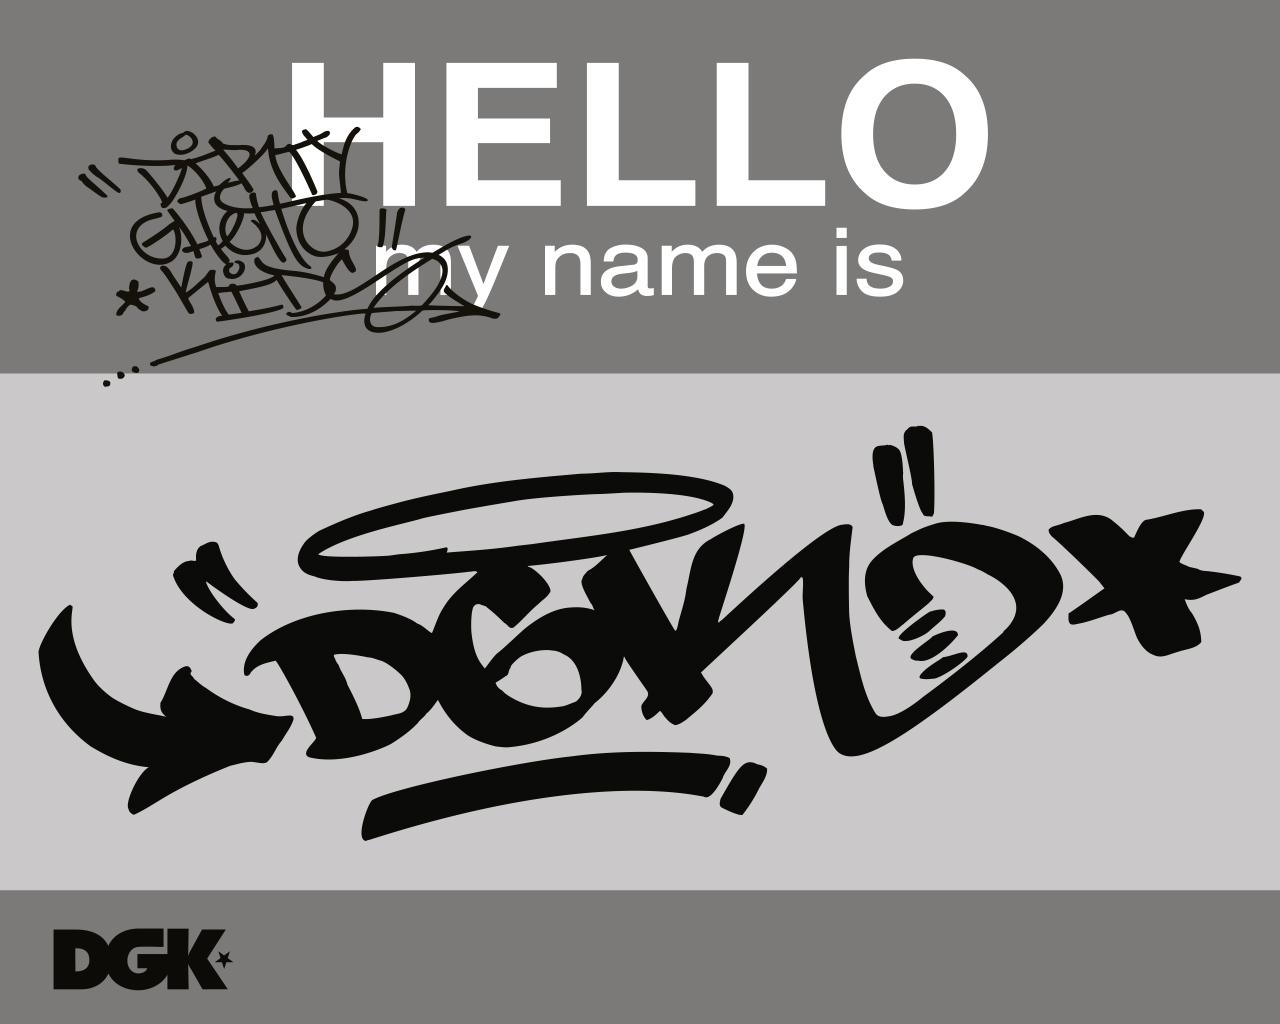 the DGK Wallpaper DGK iPhone Wallpaper DGK Android Wallpaper DGK HD 1280x1024